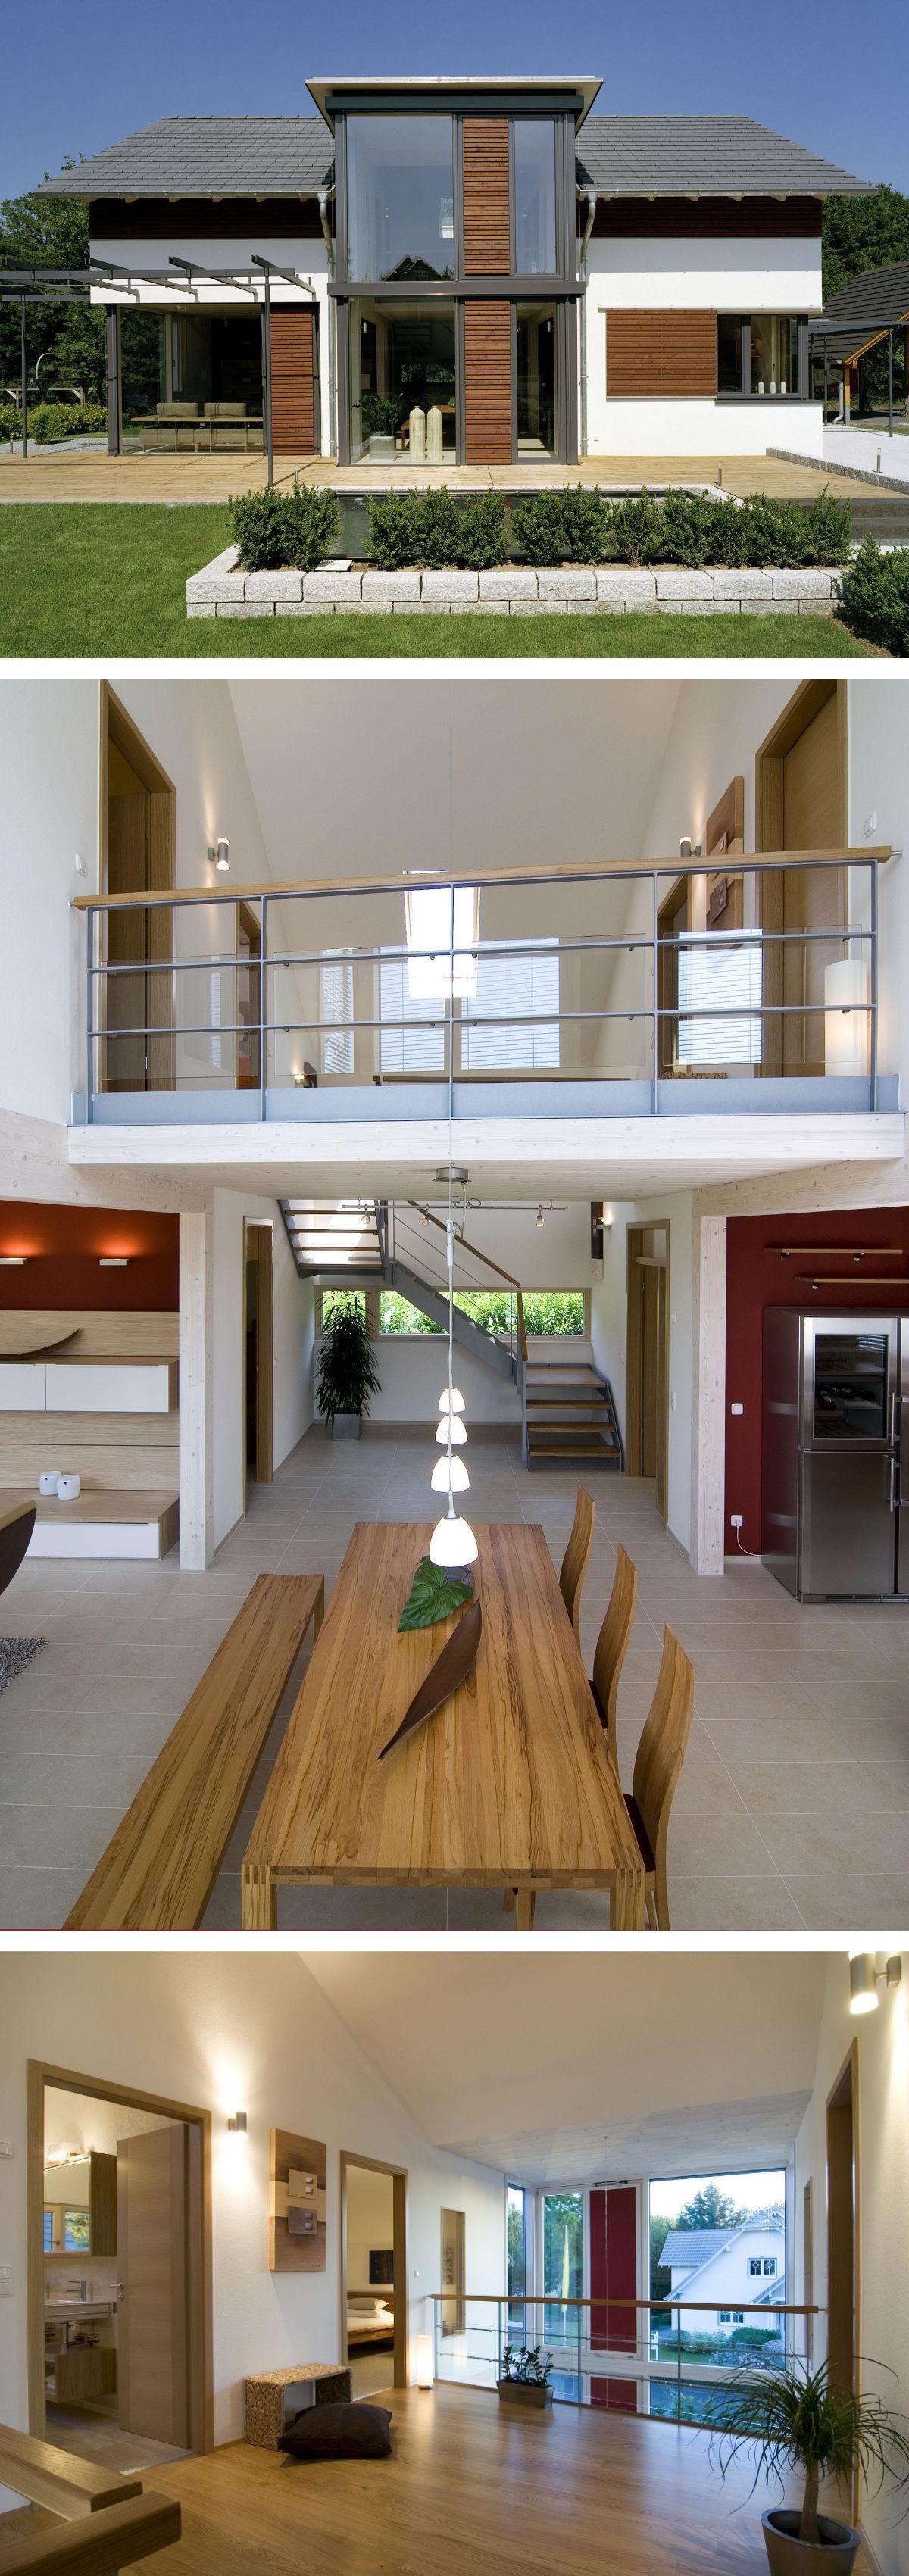 Holzhaus Inneneinrichtung modernes einfamilienhaus mit holz putz fassade, zwerchgiebel